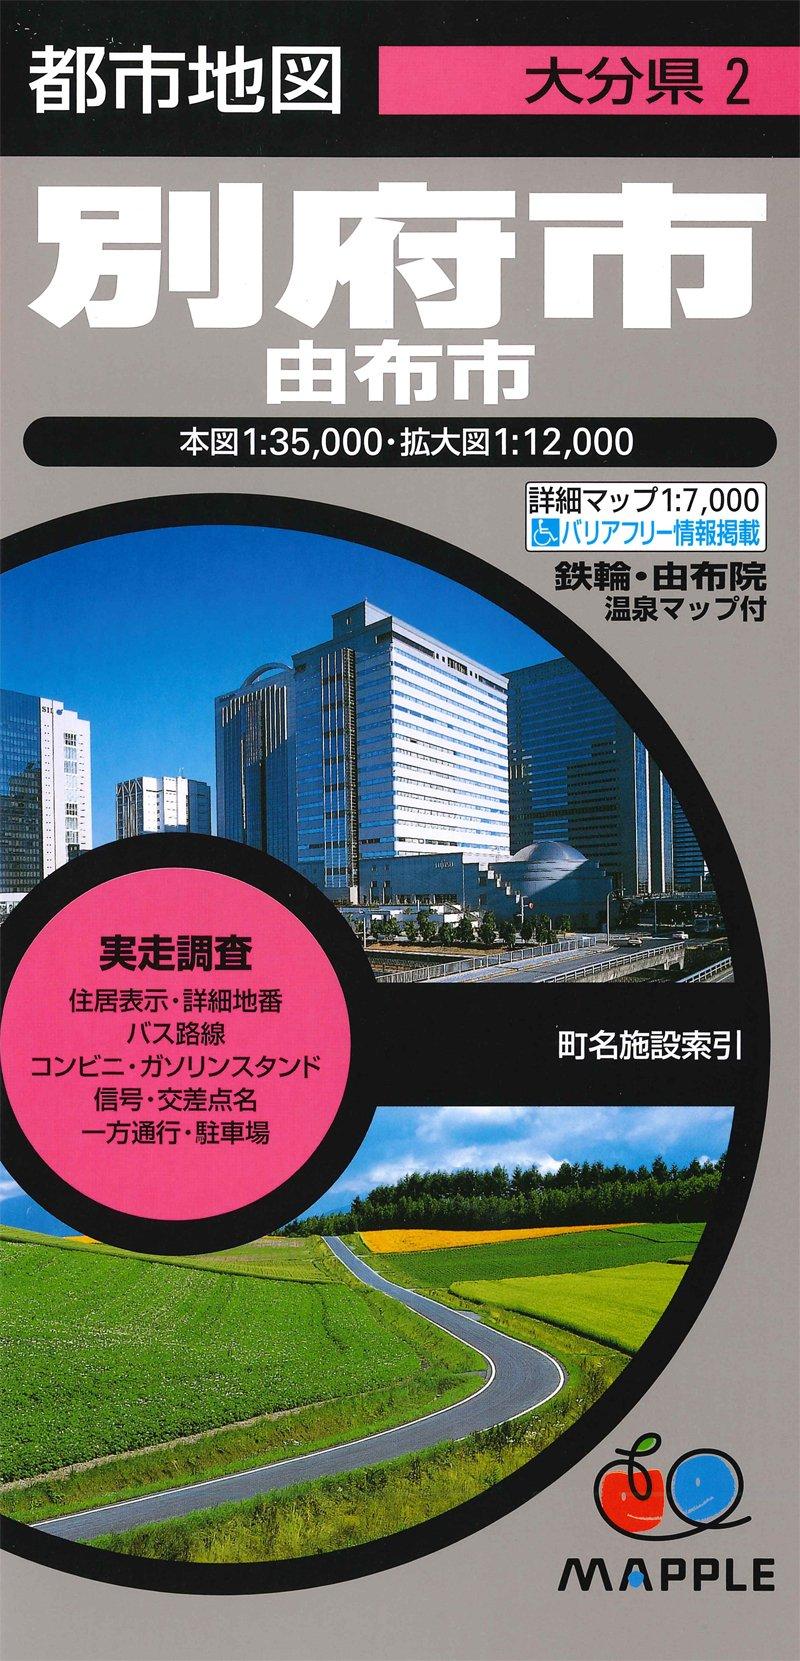 Download Beppushi yufushi. PDF